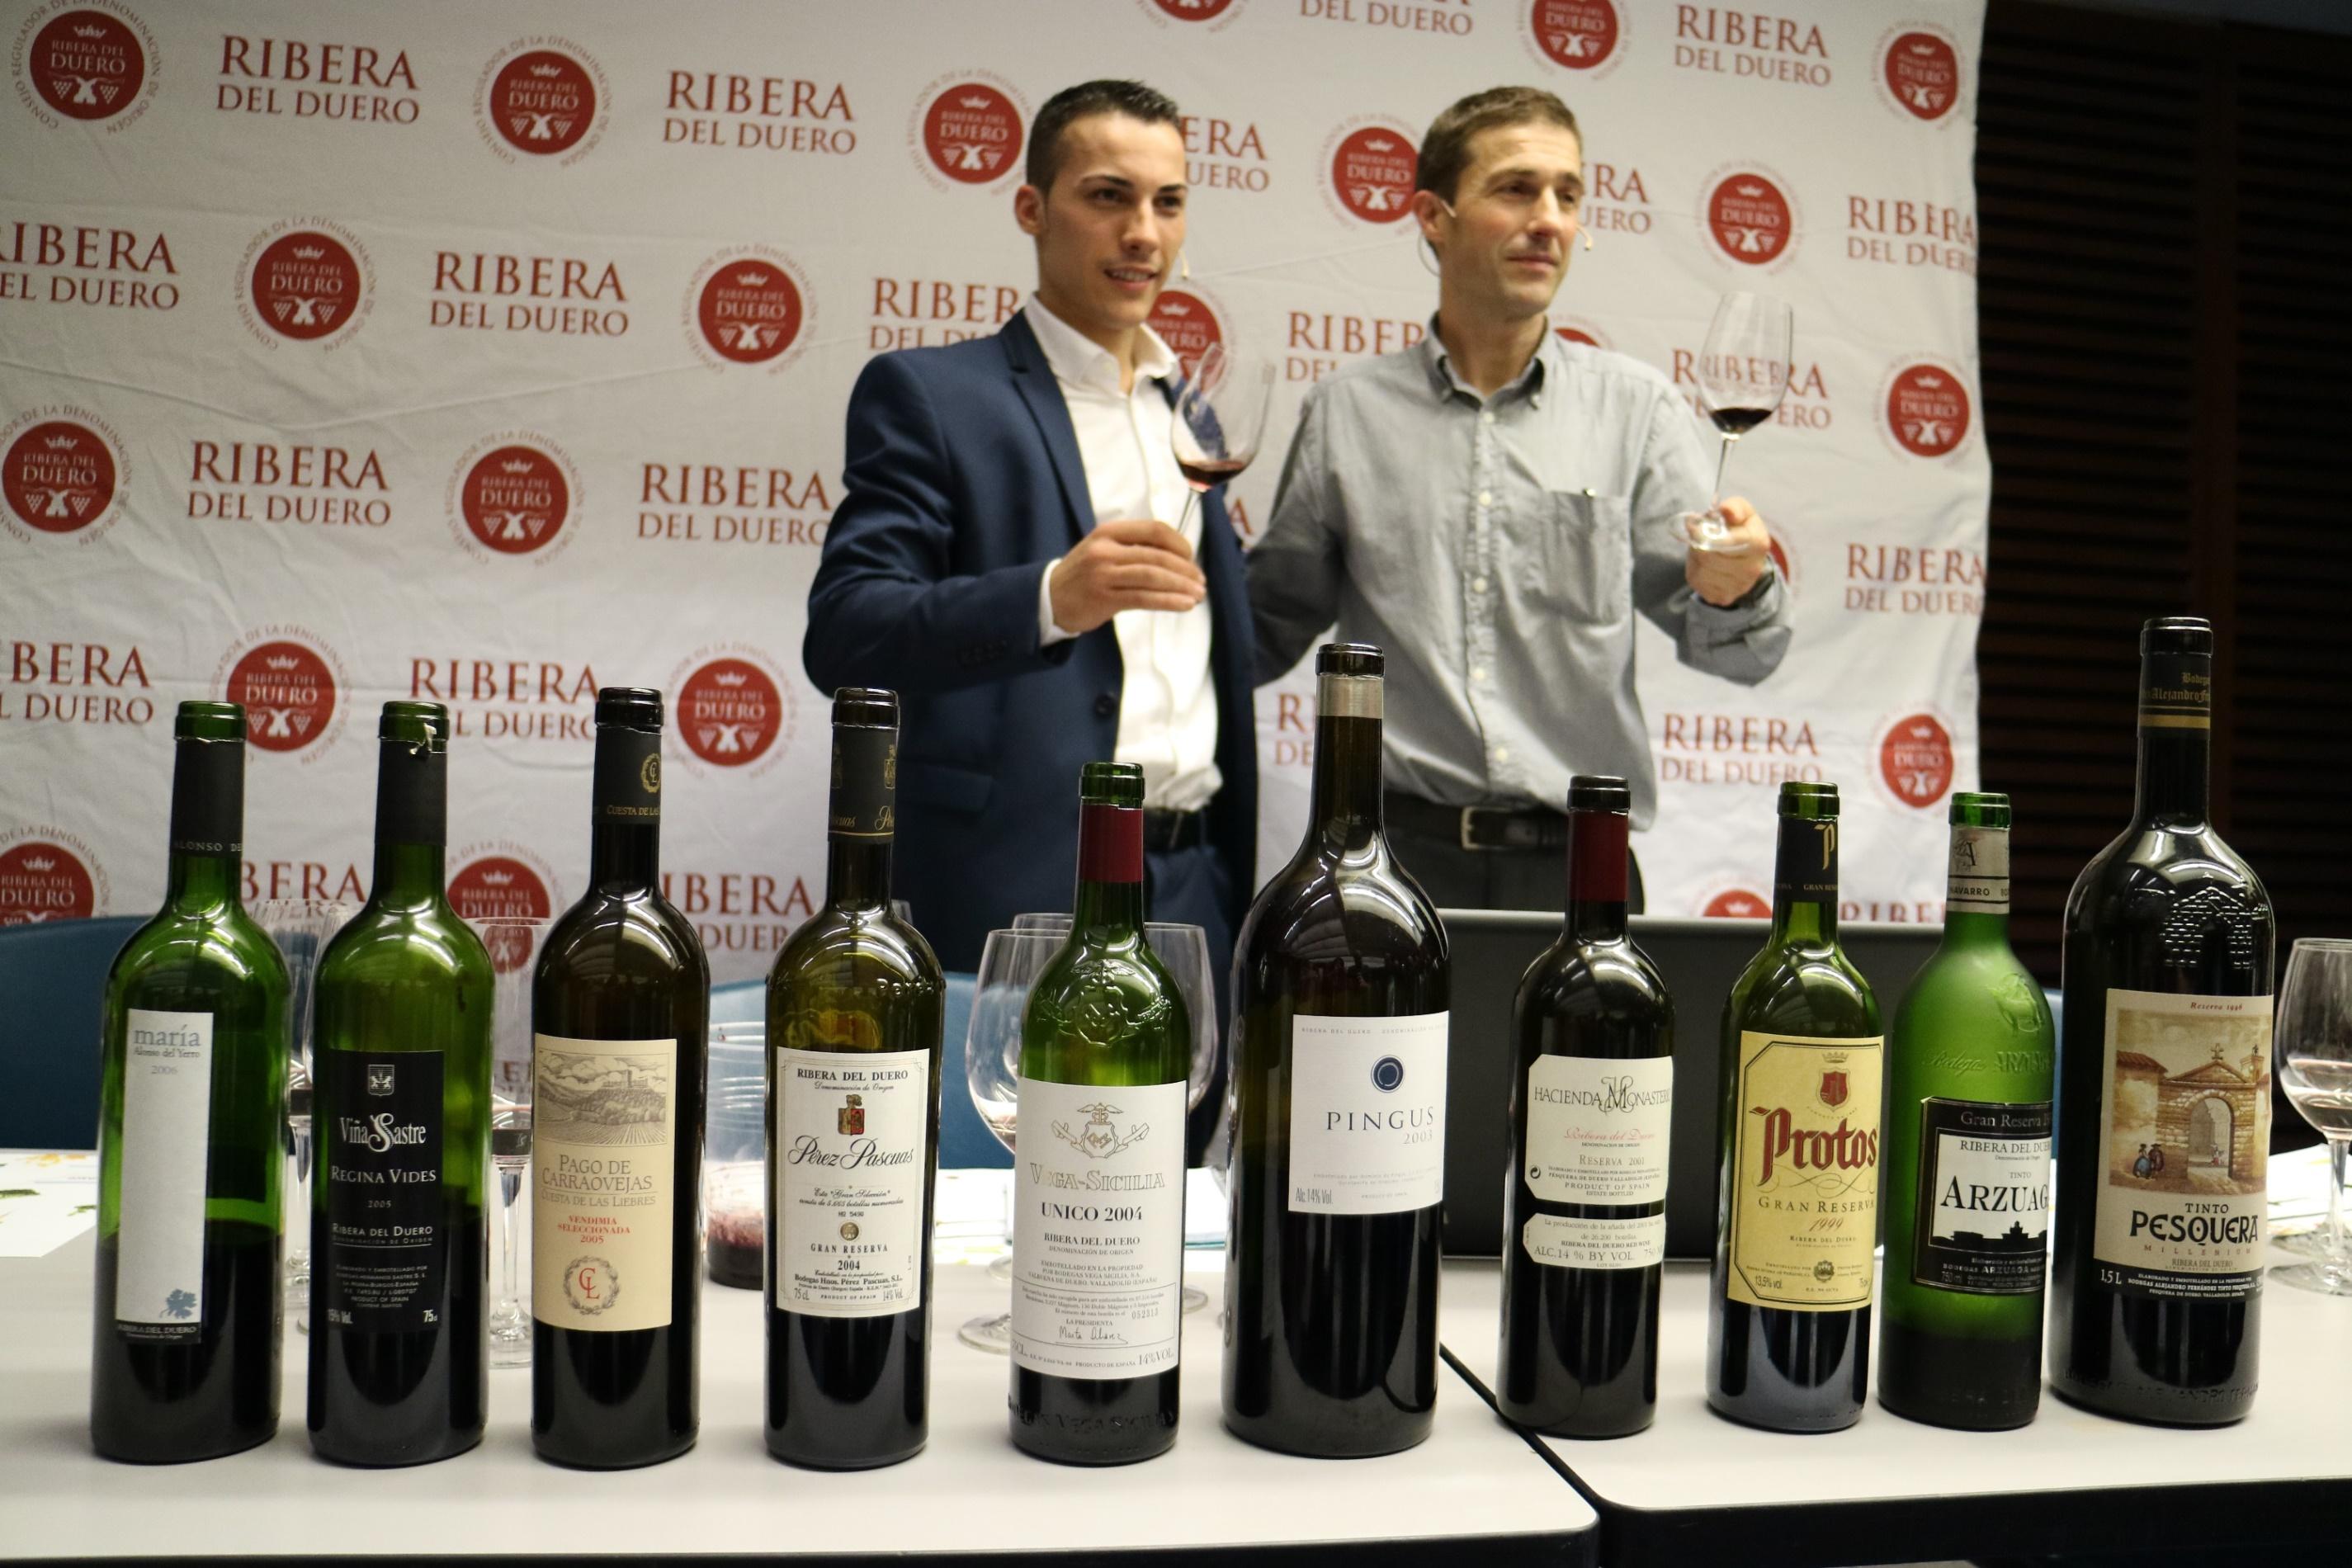 Guillermo Cruz y Juan Carlos Muro con los diez vinos de leyenda de Ribera del Duero